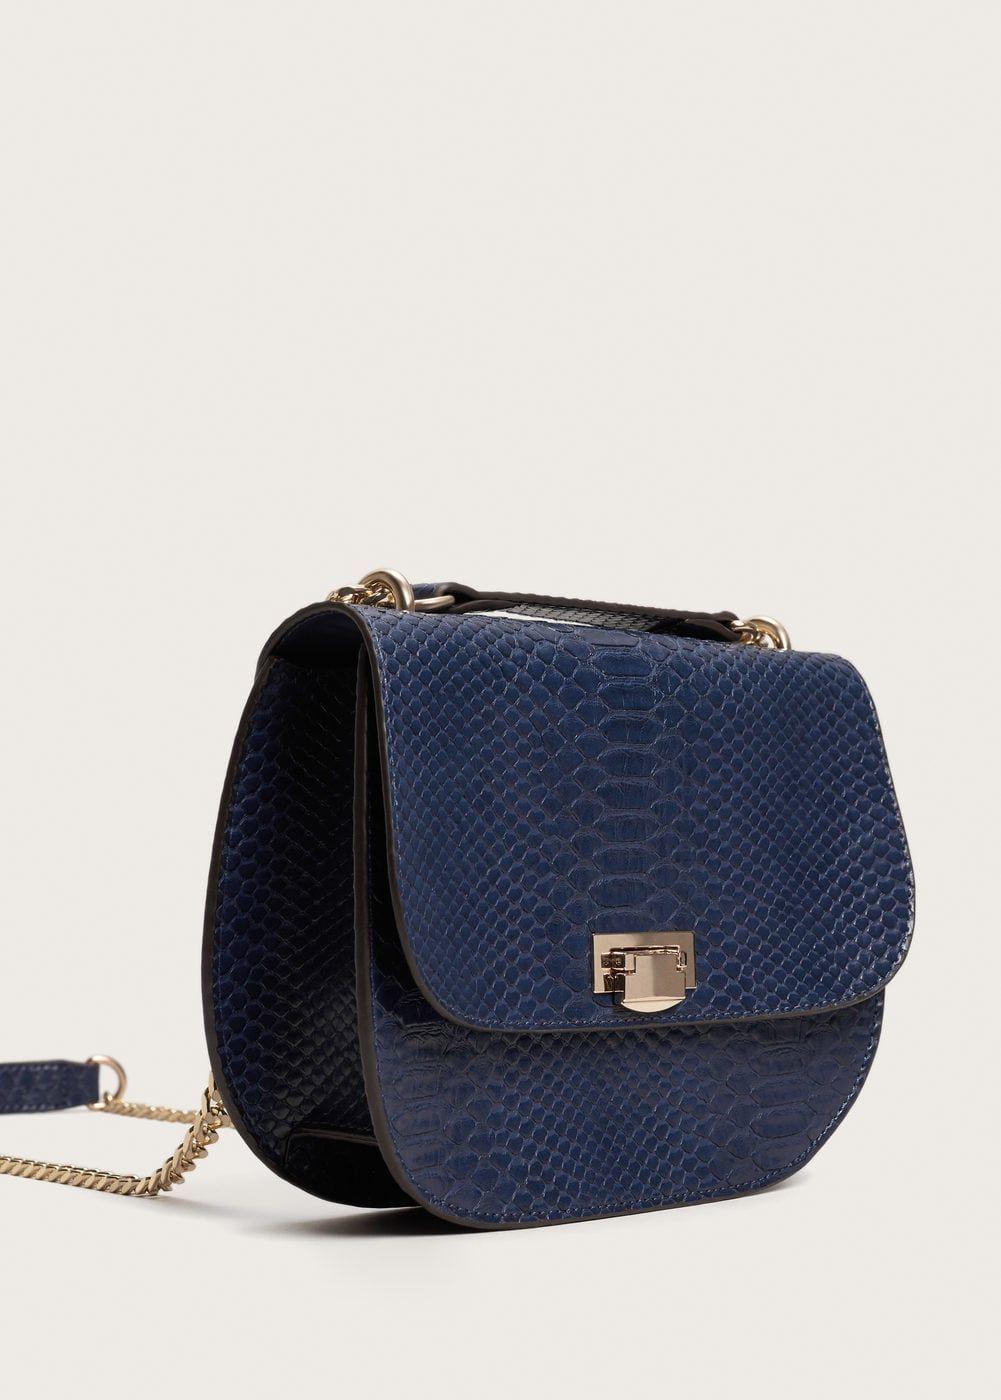 17ee3d9aafb Imitatie slangenleren tas - Grote maten | Fashion | Pinterest ...